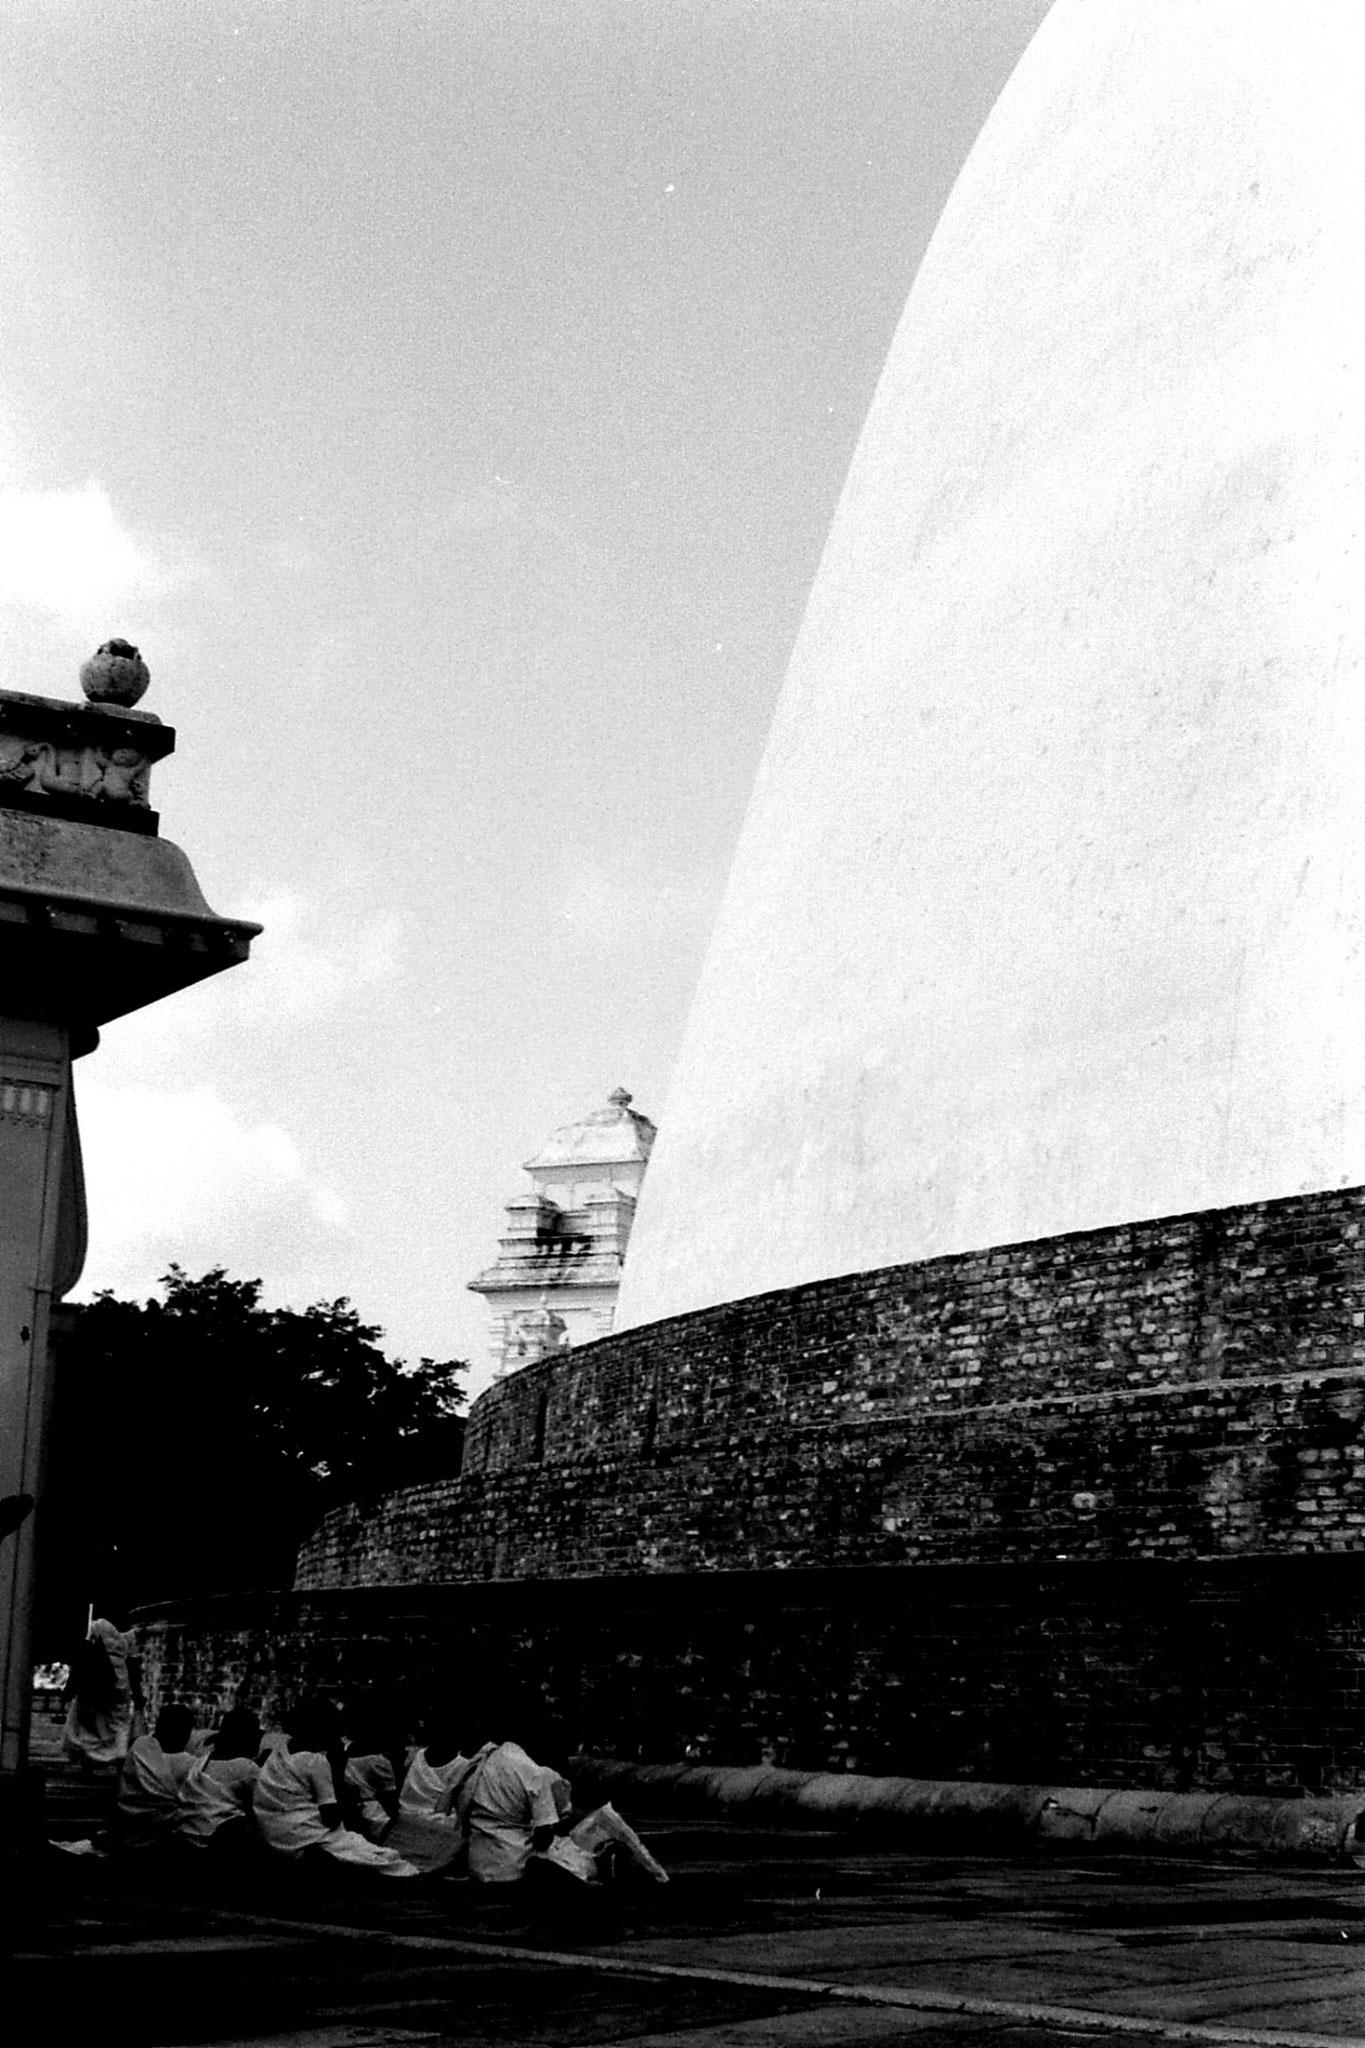 9/2/90: 23: Anuradhapura pilgrims at Ruvapvelisiya dagoba